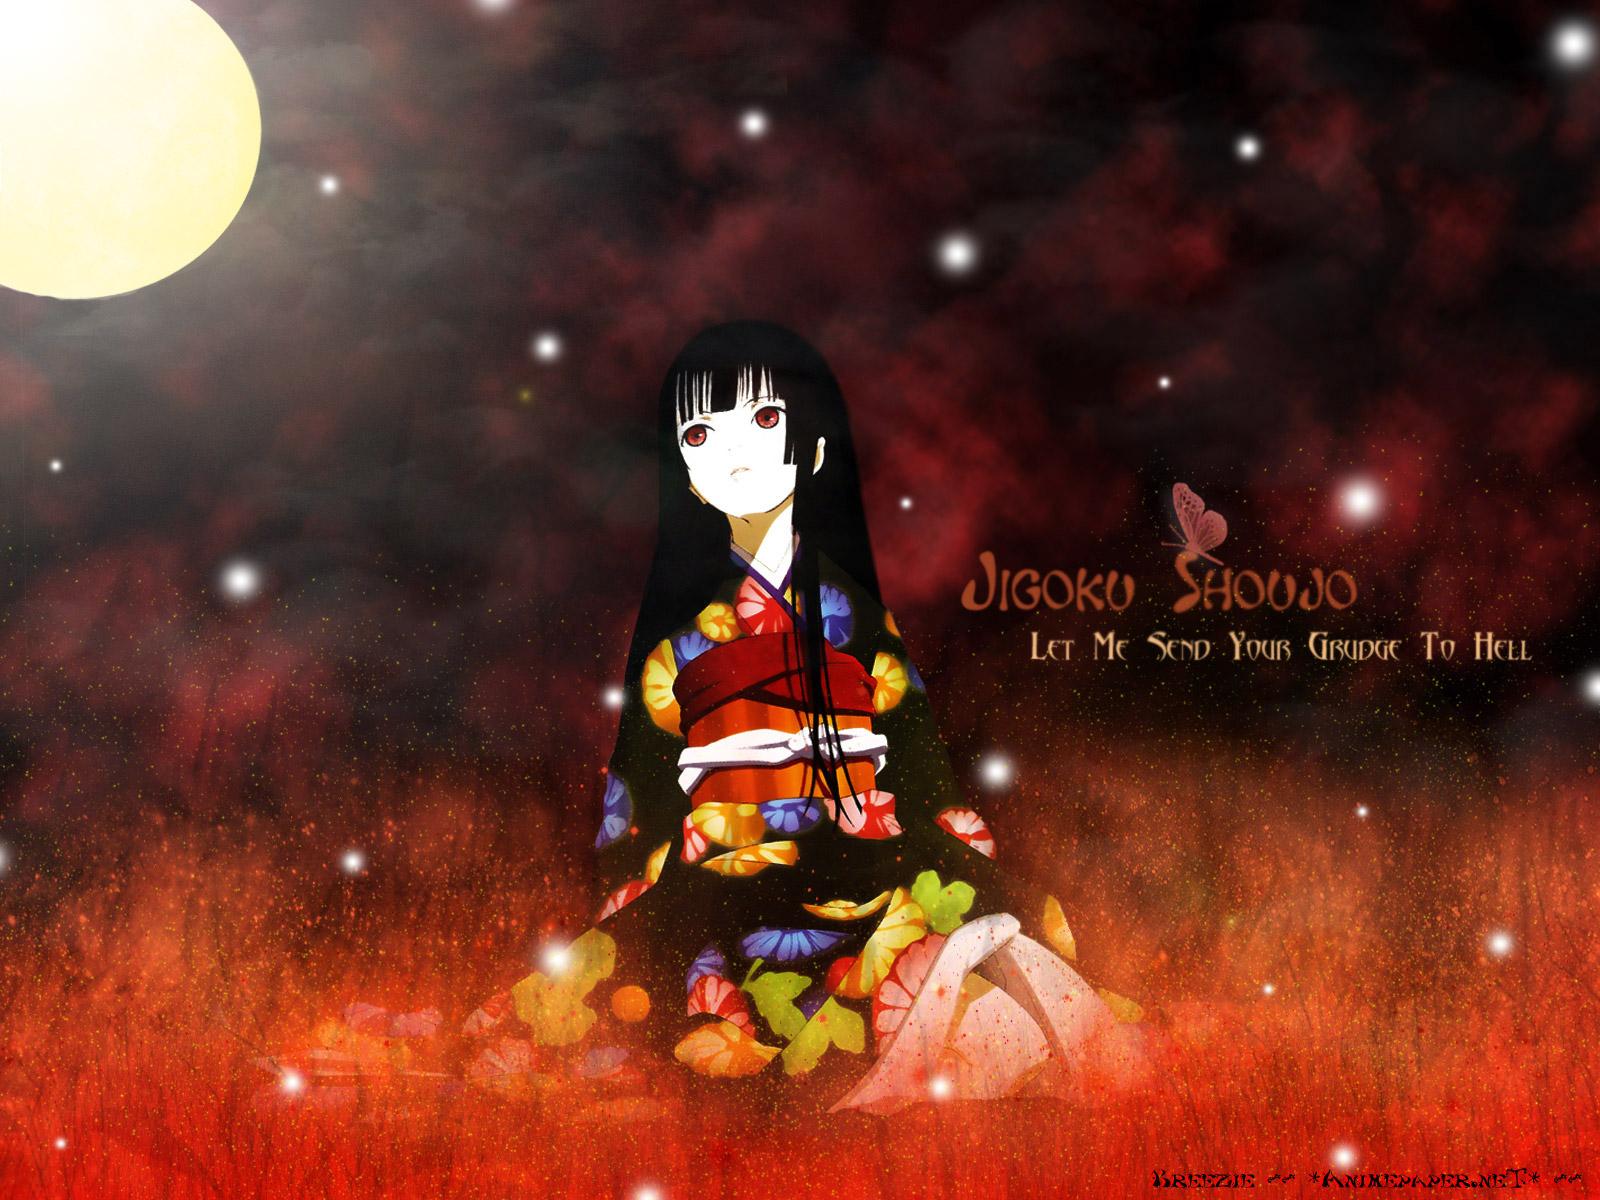 壁紙 地狱少女 日本动画 下载 照片